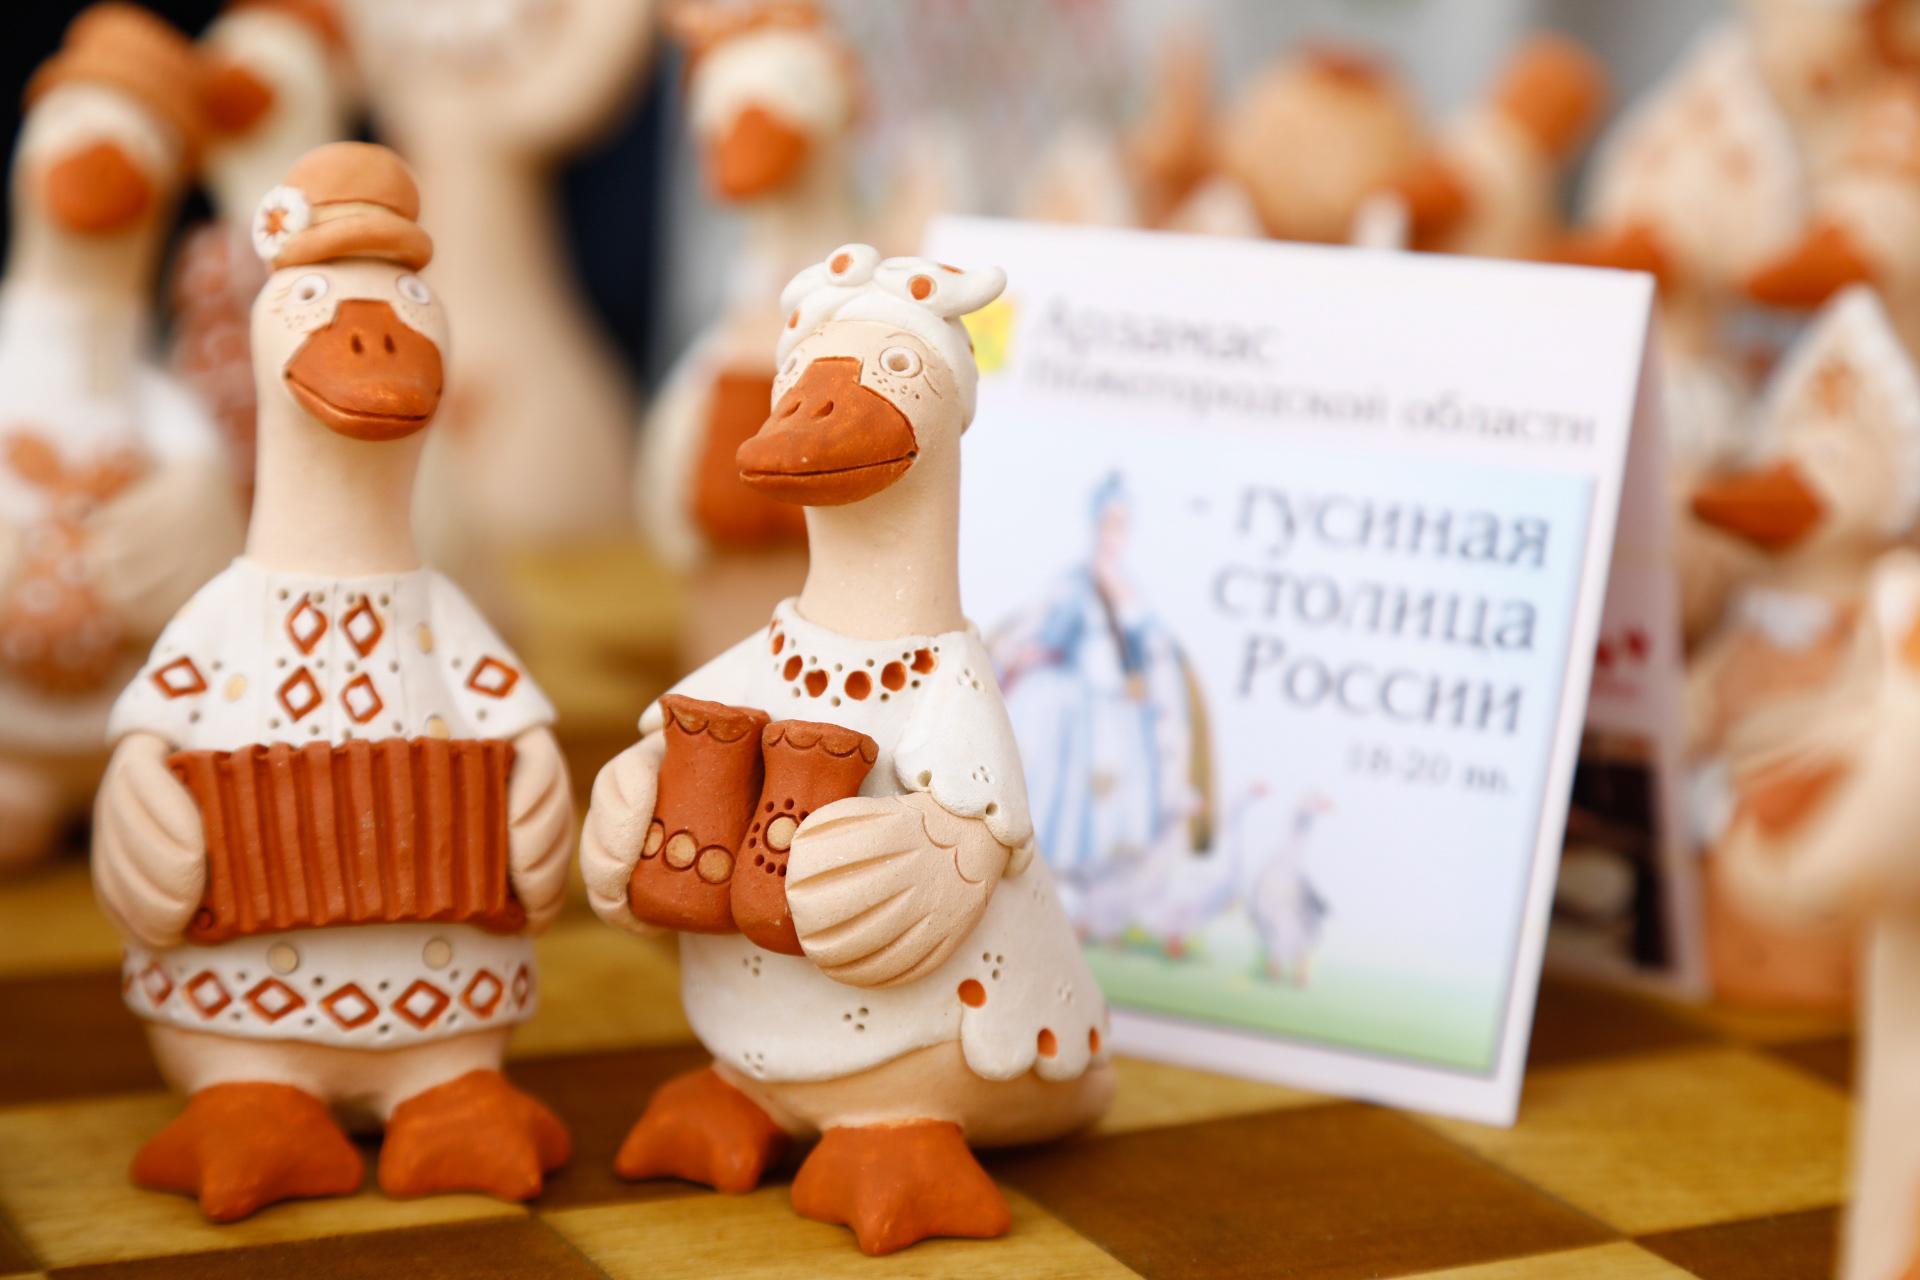 Кластер «Арзамас – Дивеево – Саров» организует ярмарку-продажу ремесленных изделий на фестивале «Арзамасский гусь»